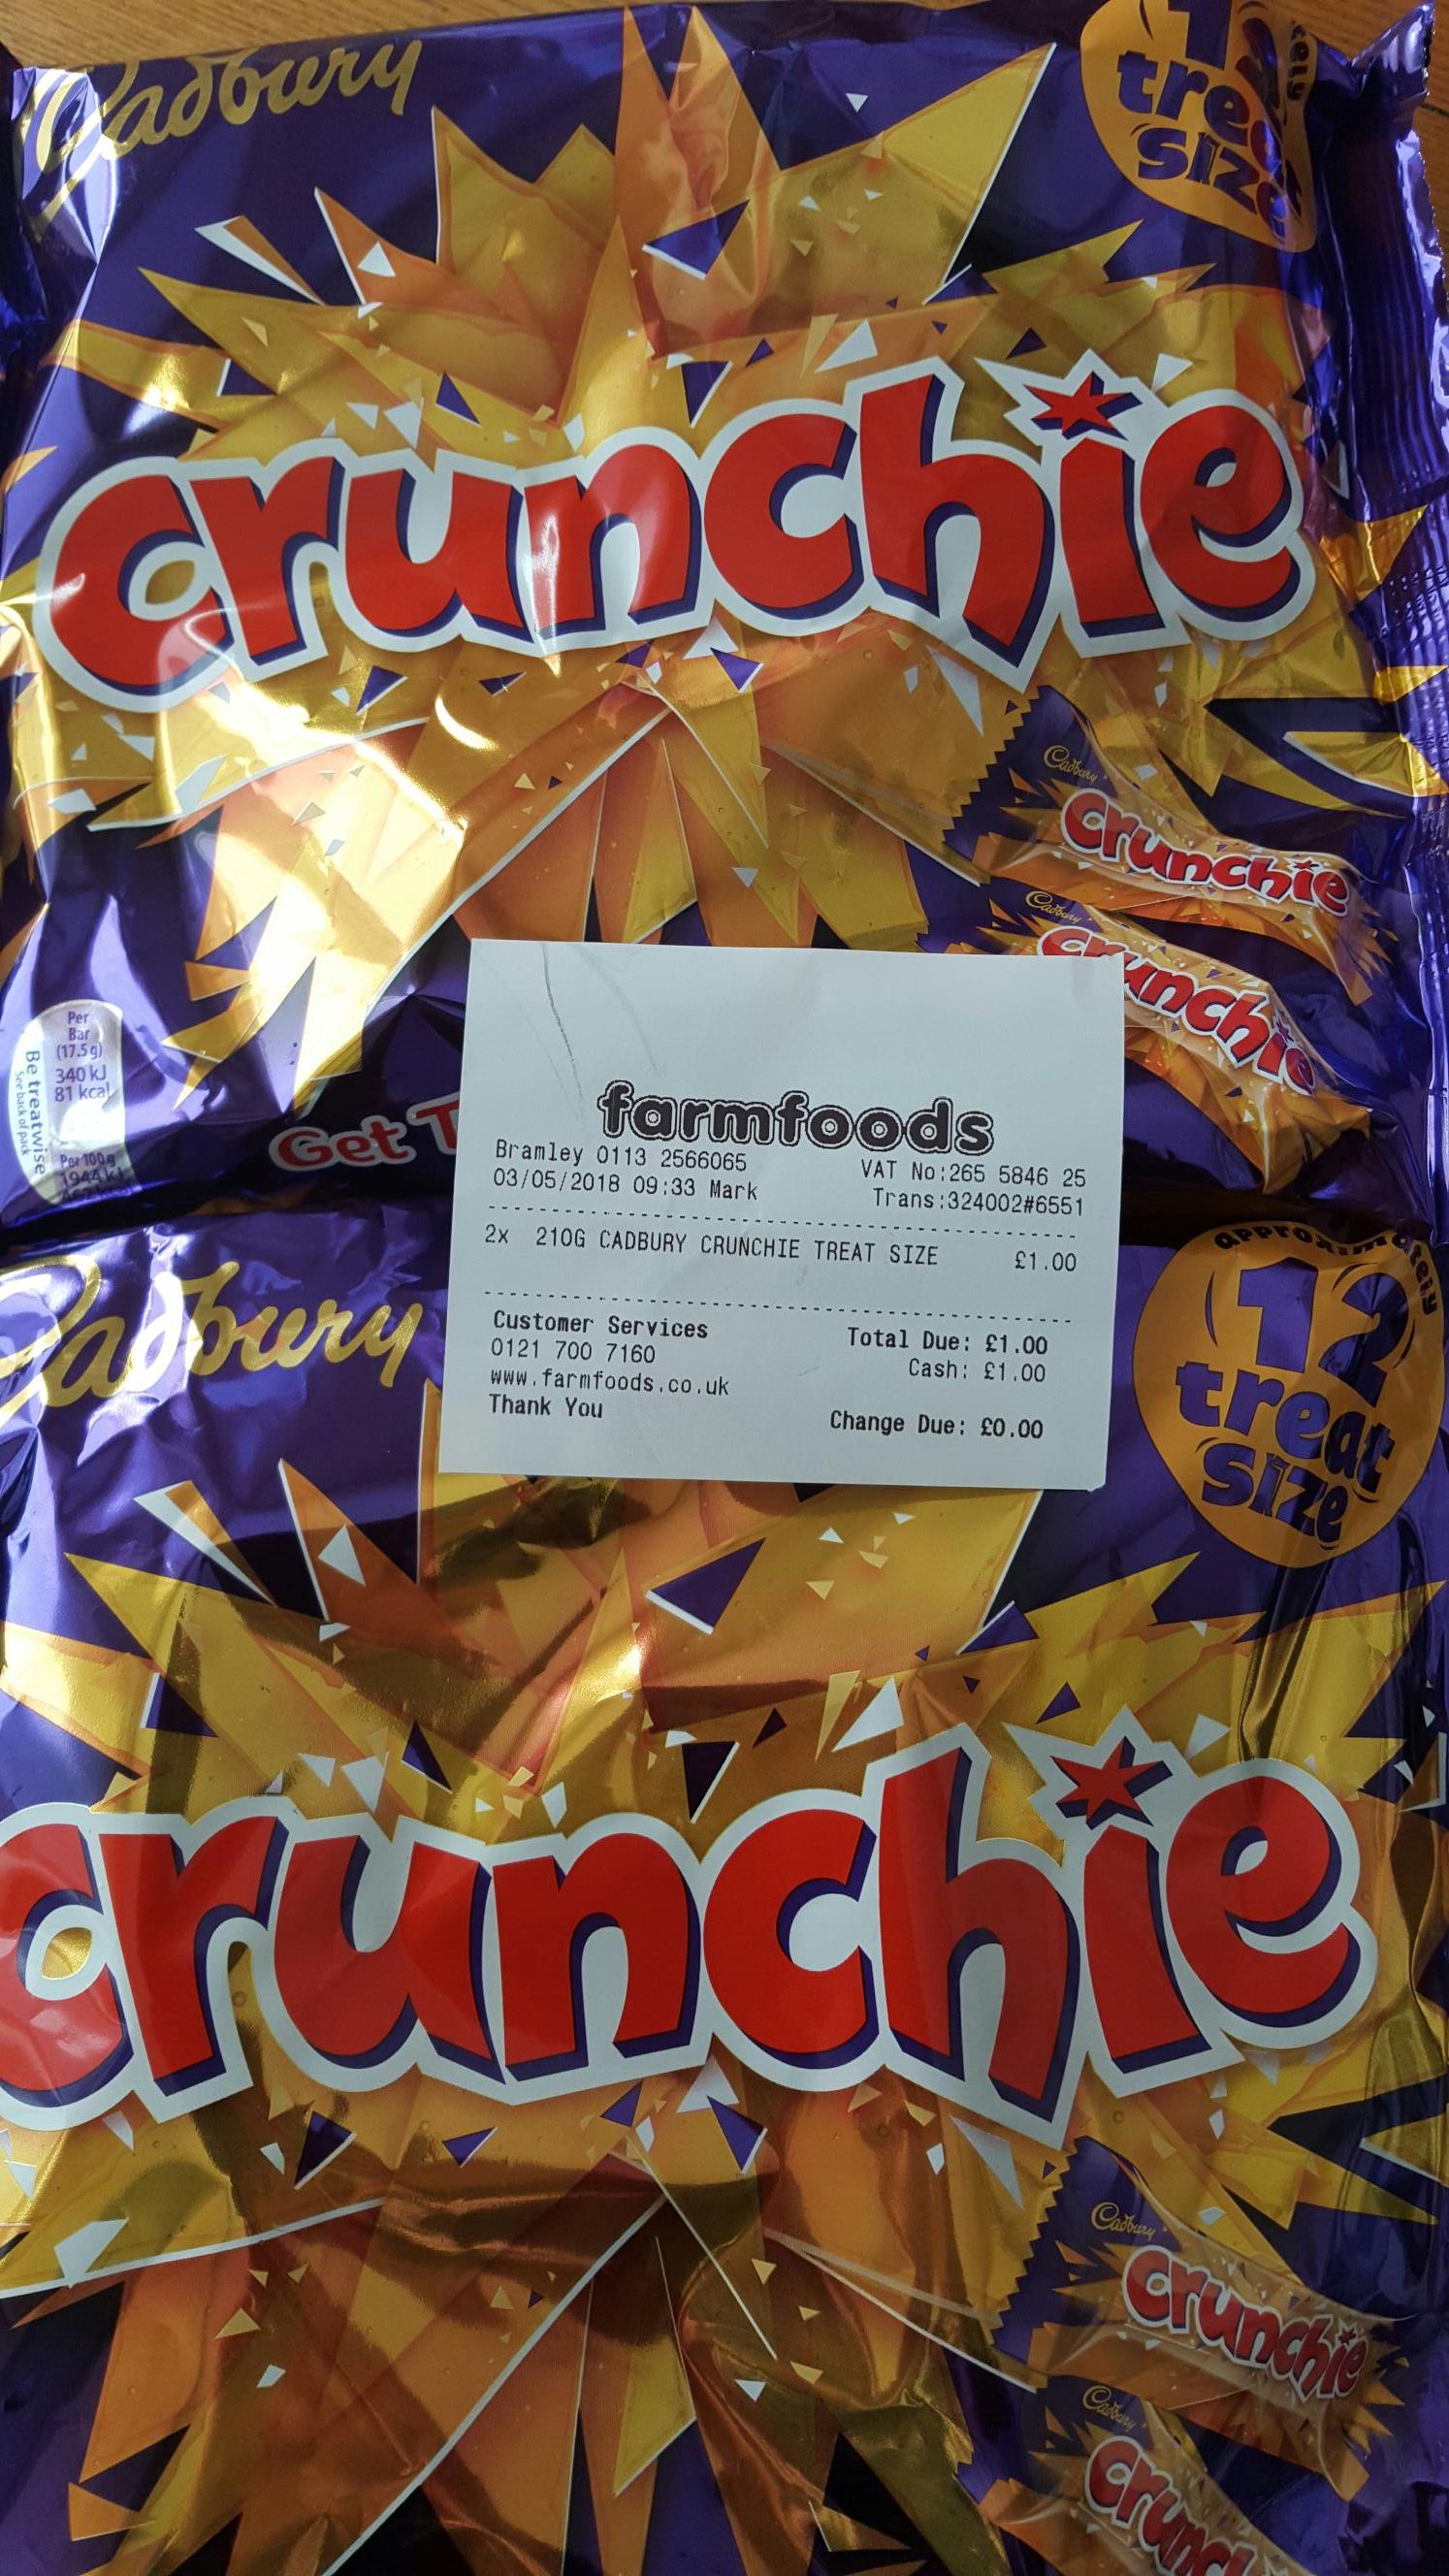 210g Cadbury Crunchie Treat Size only 50p @ Farmfoods  Bramley